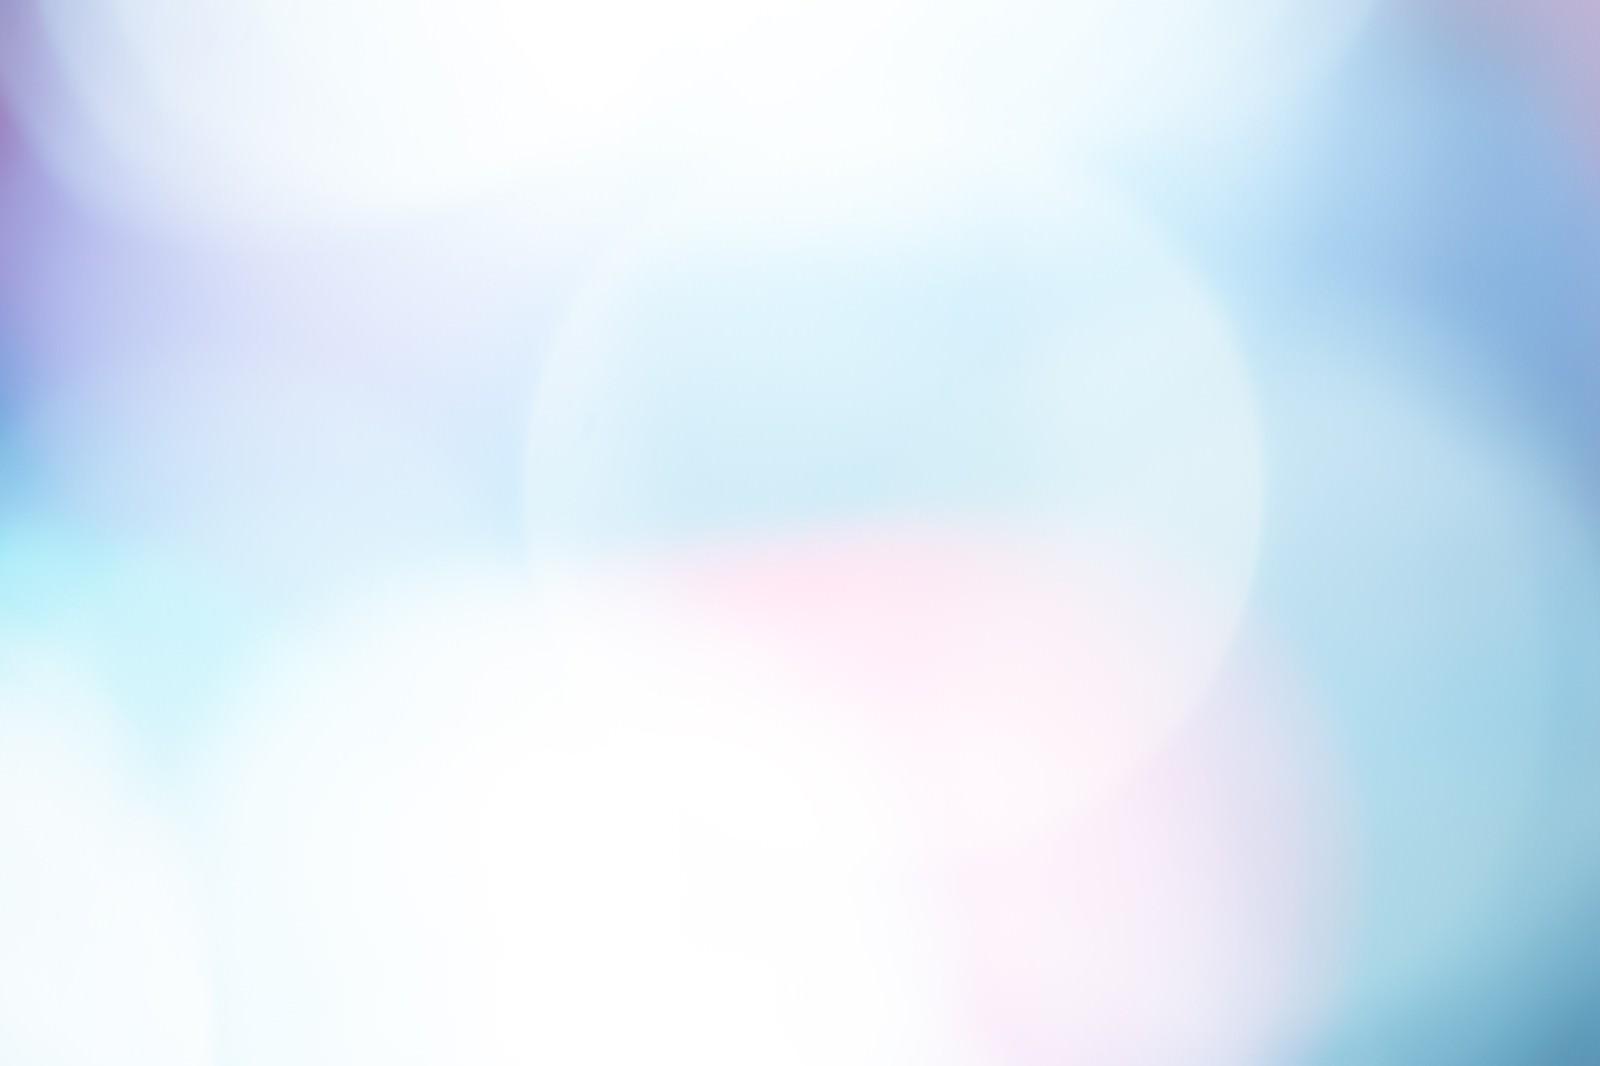 「青白い光のボケ」の写真